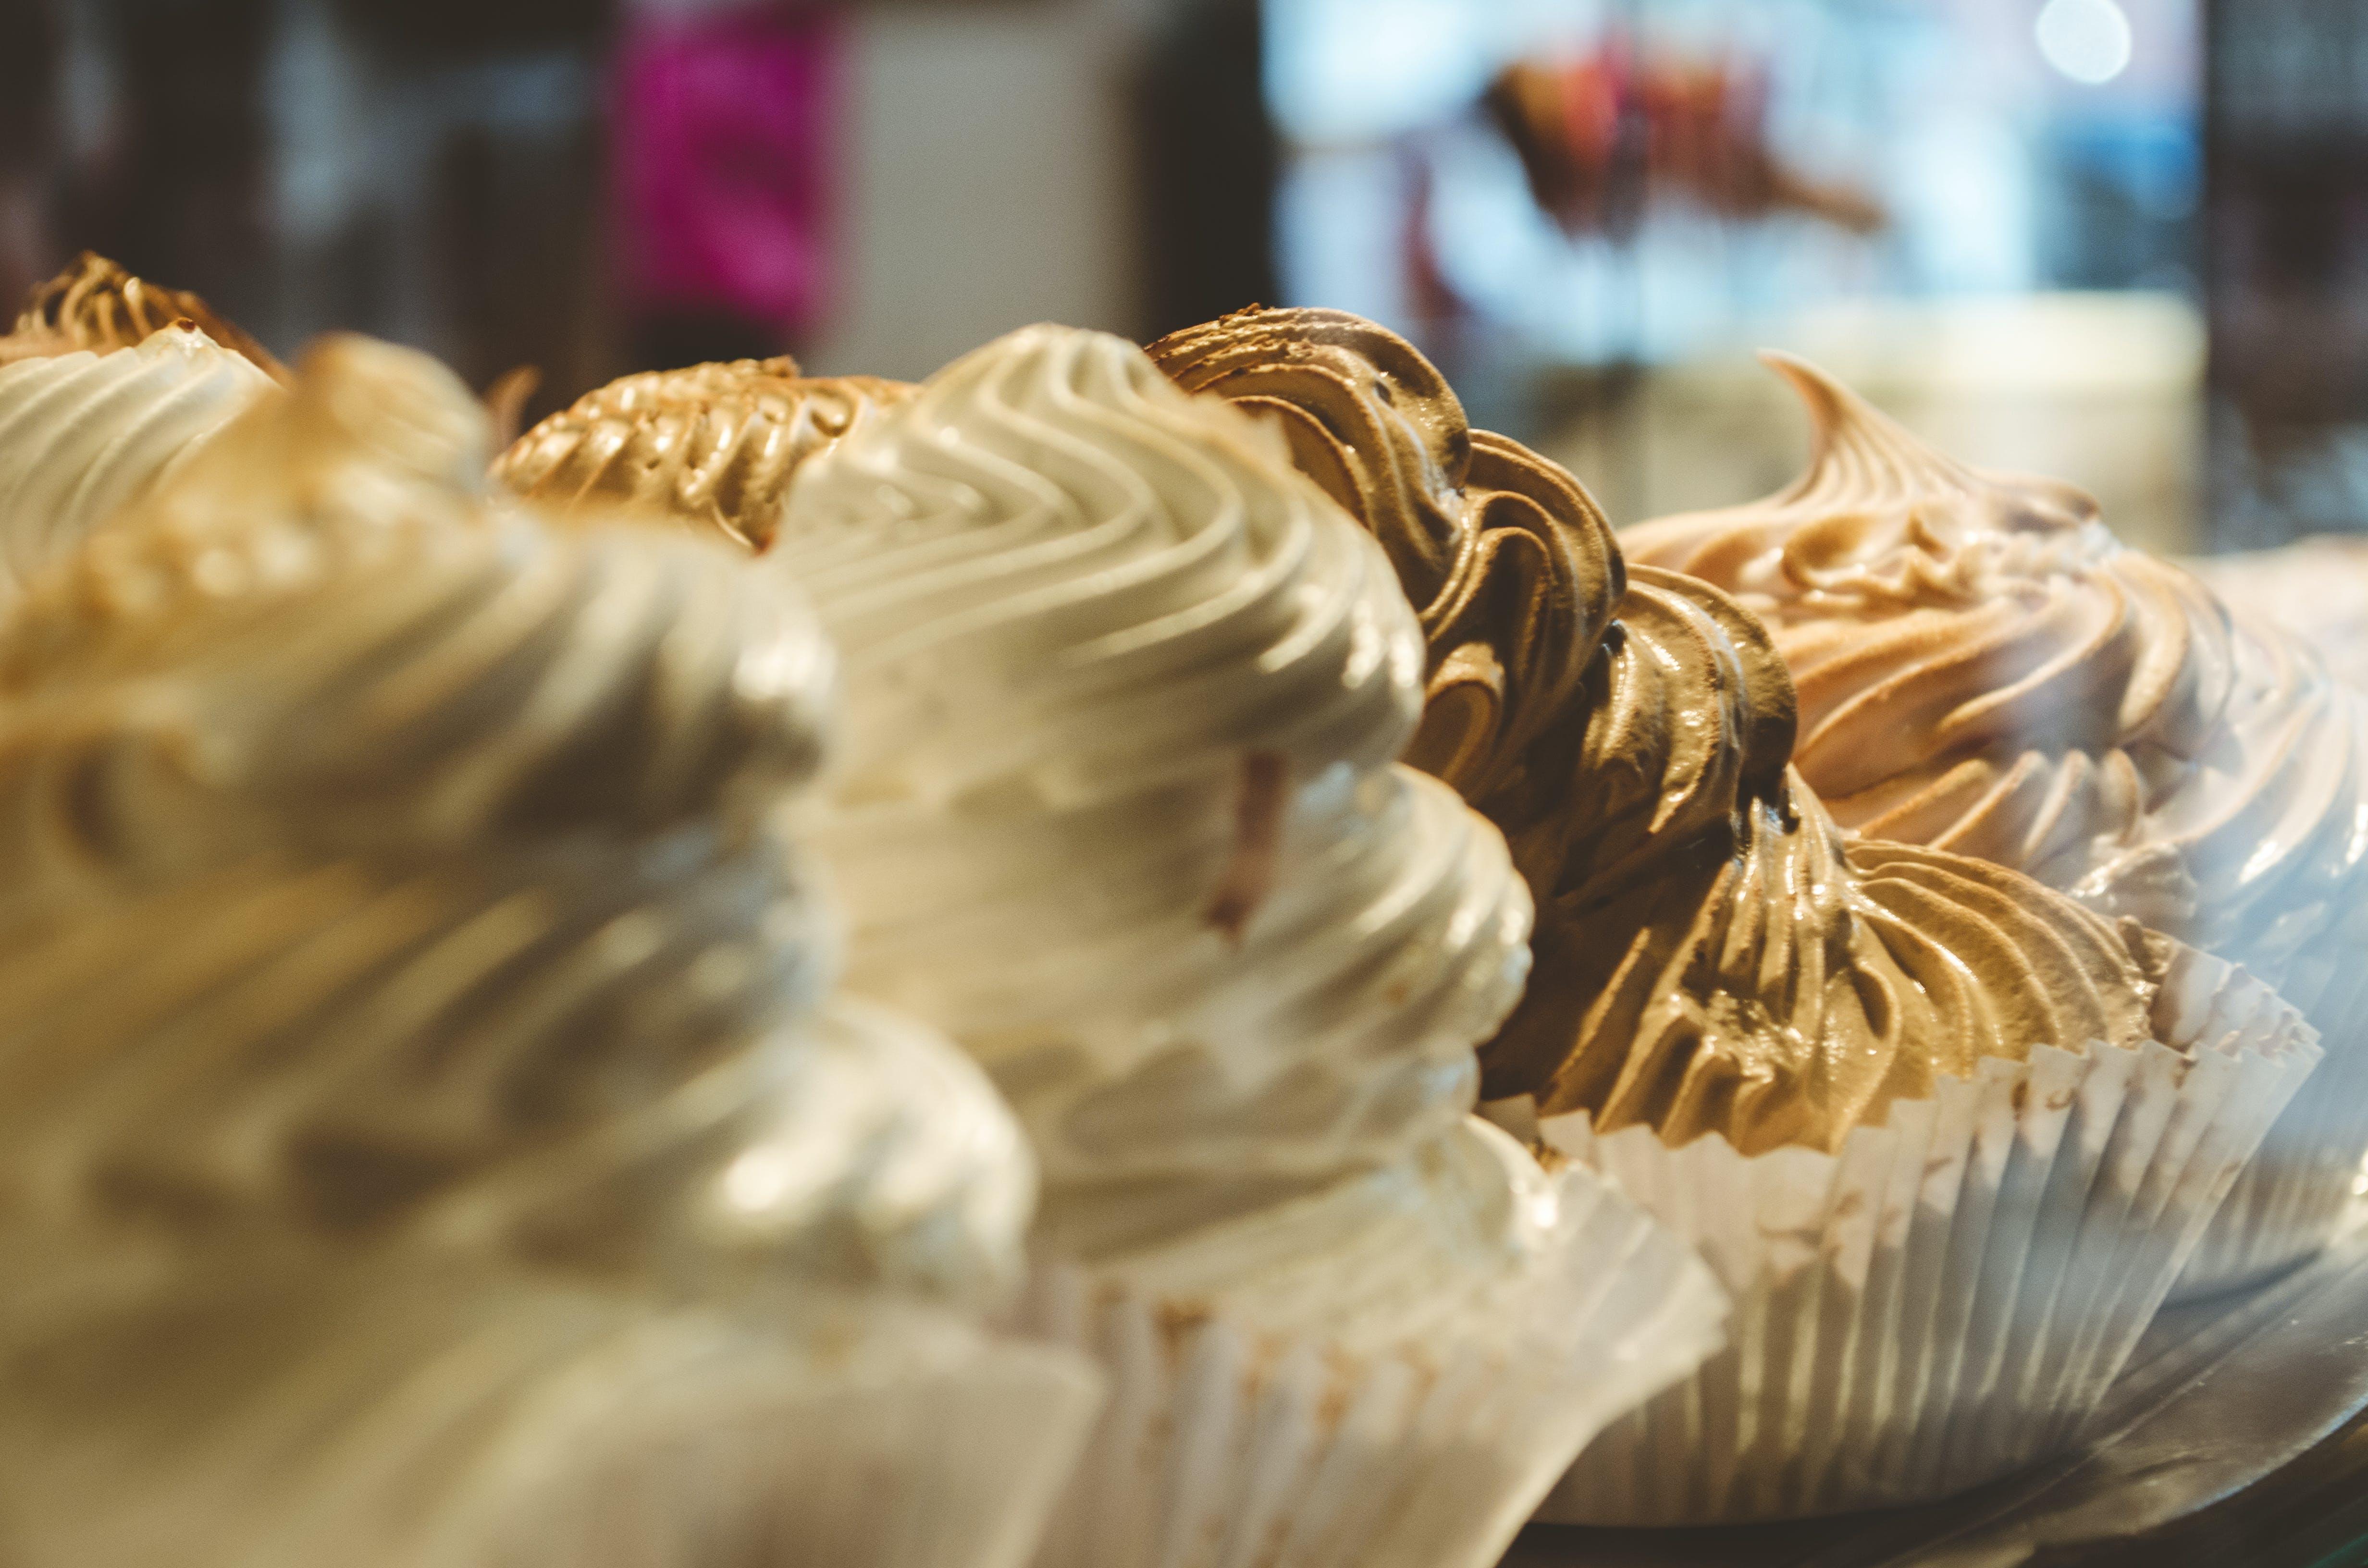 Kostenloses Stock Foto zu essen, verschwimmen, dessert, dekoration